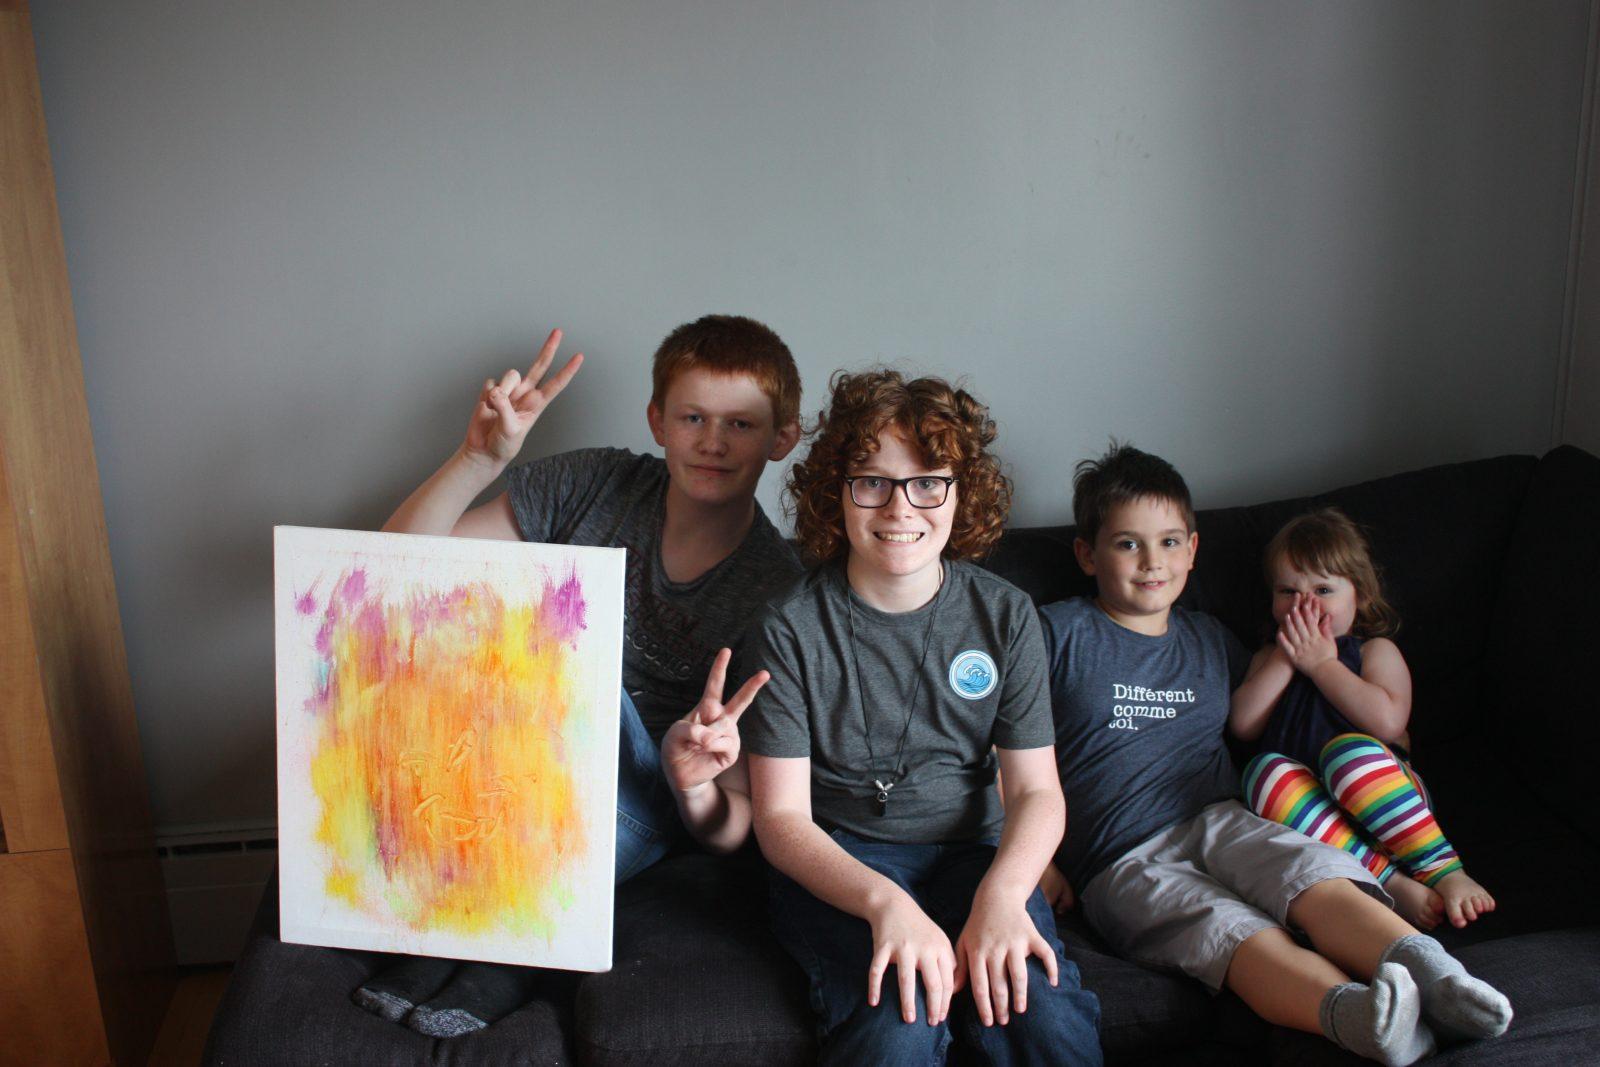 Les forces de l'autisme avec les frères Leboeuf